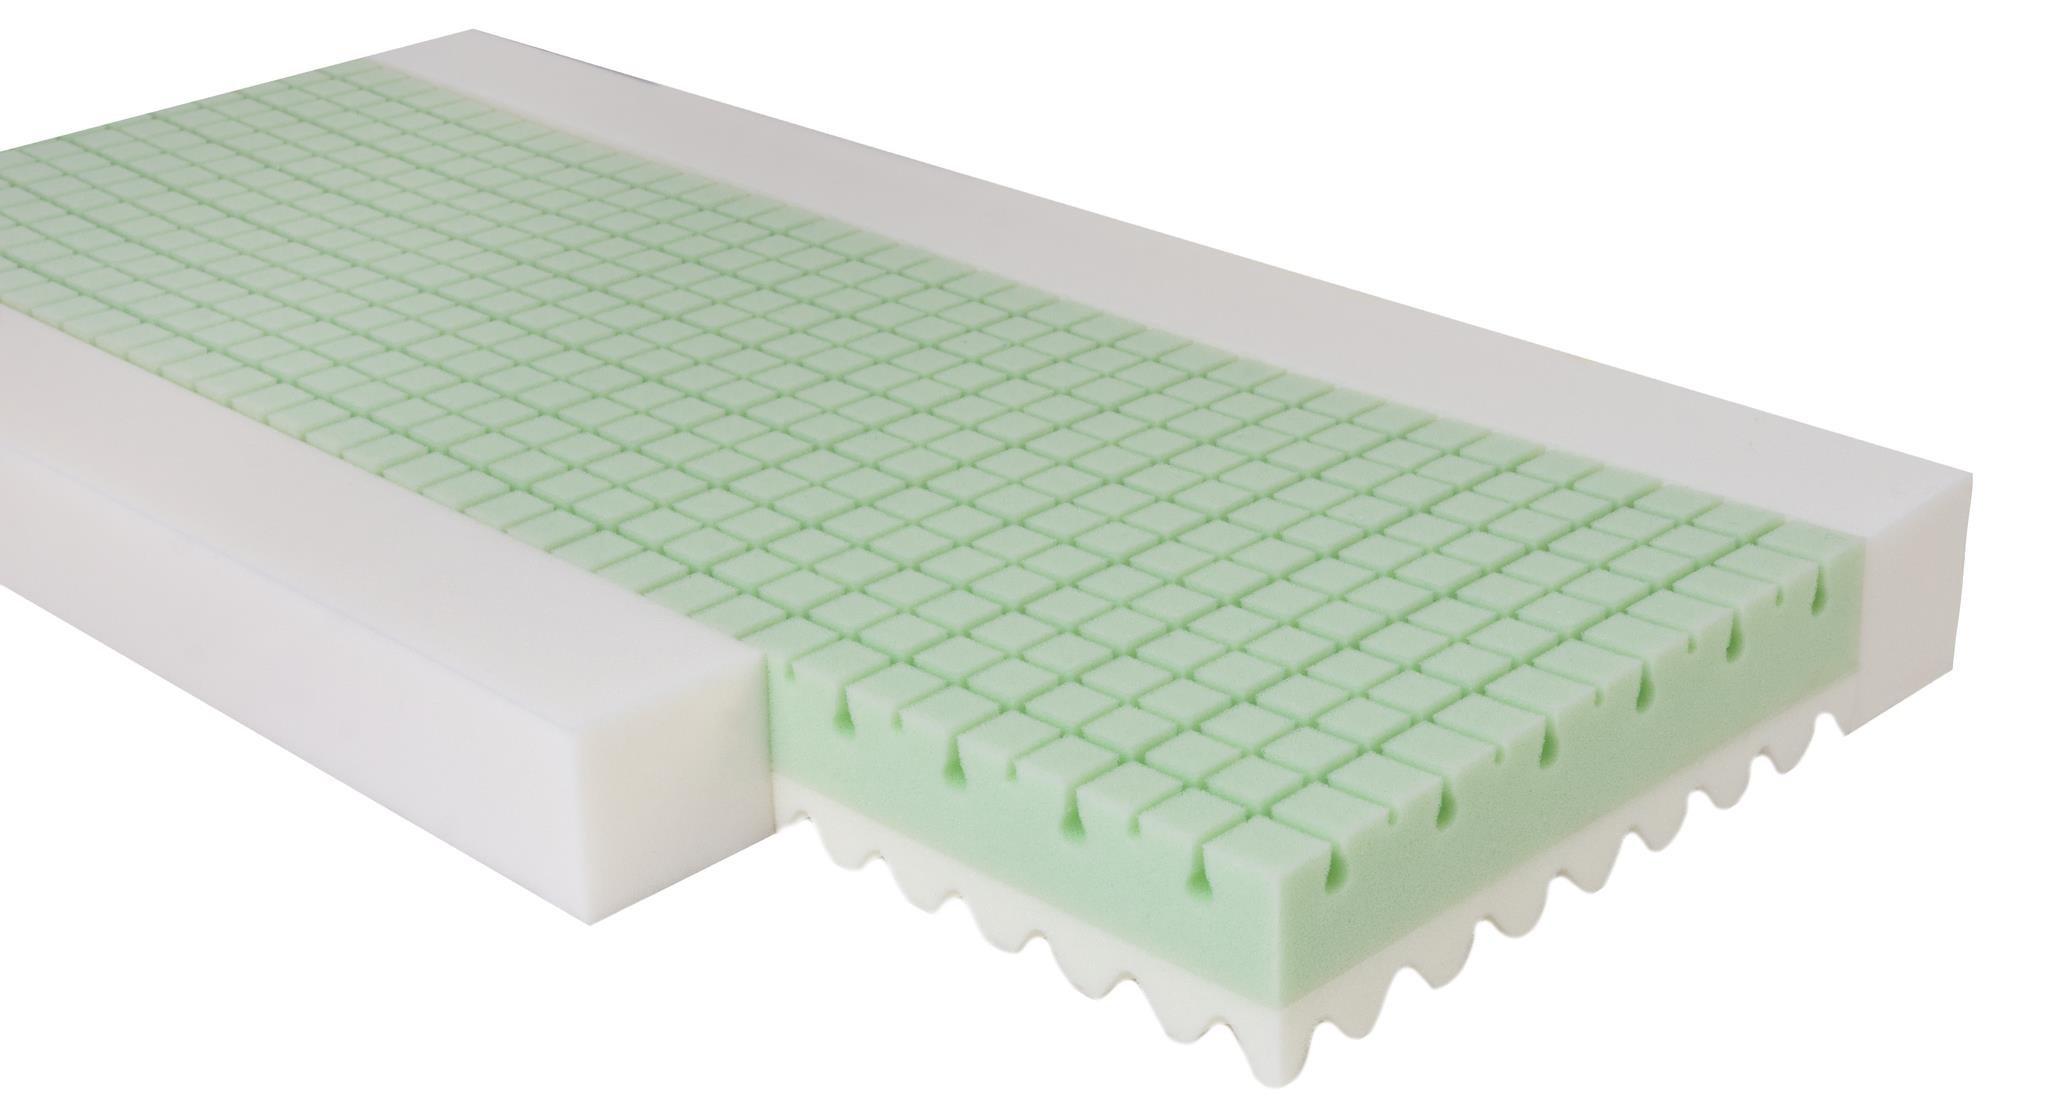 Matrace ortopedická ECO GREEN 120x60x10cm - zvìtšit obrázek